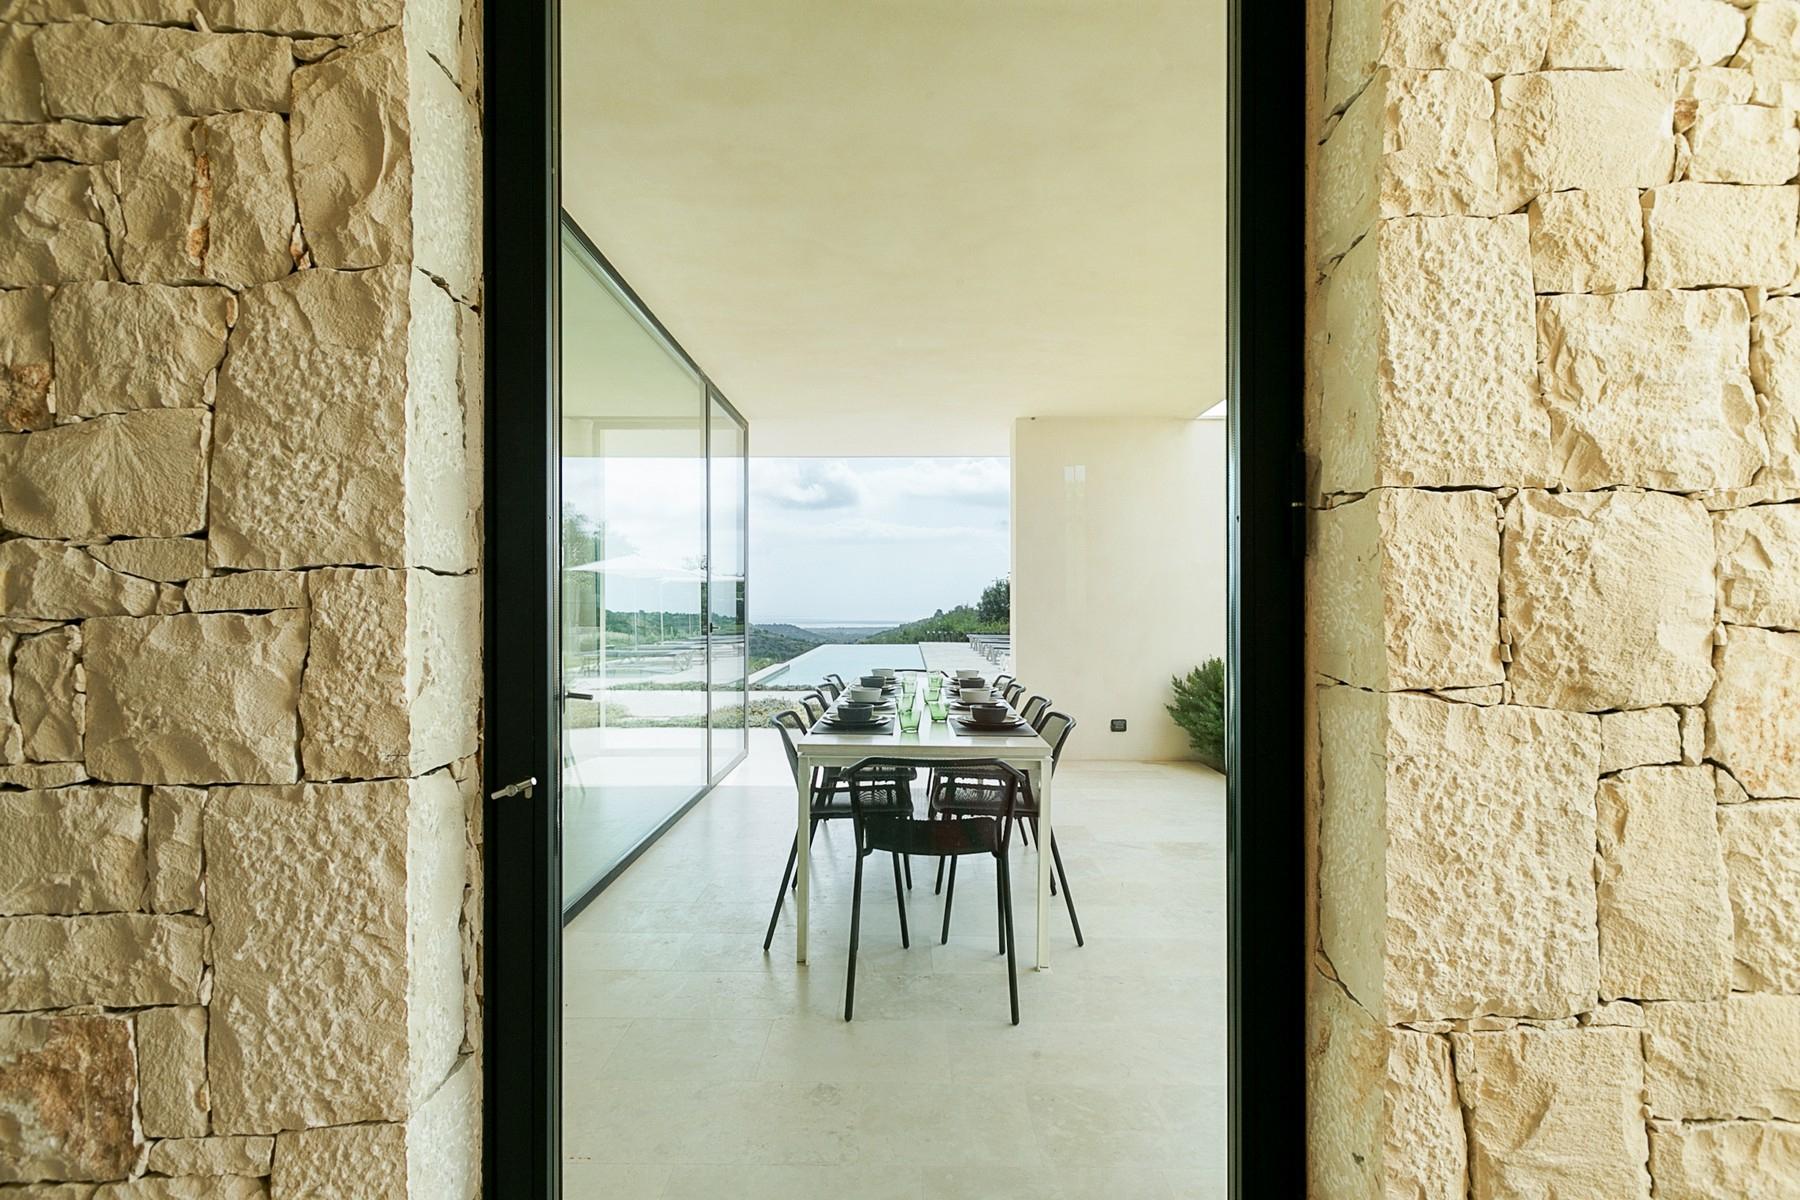 拥有游泳池和附属建筑当代设计的别墅 - 26